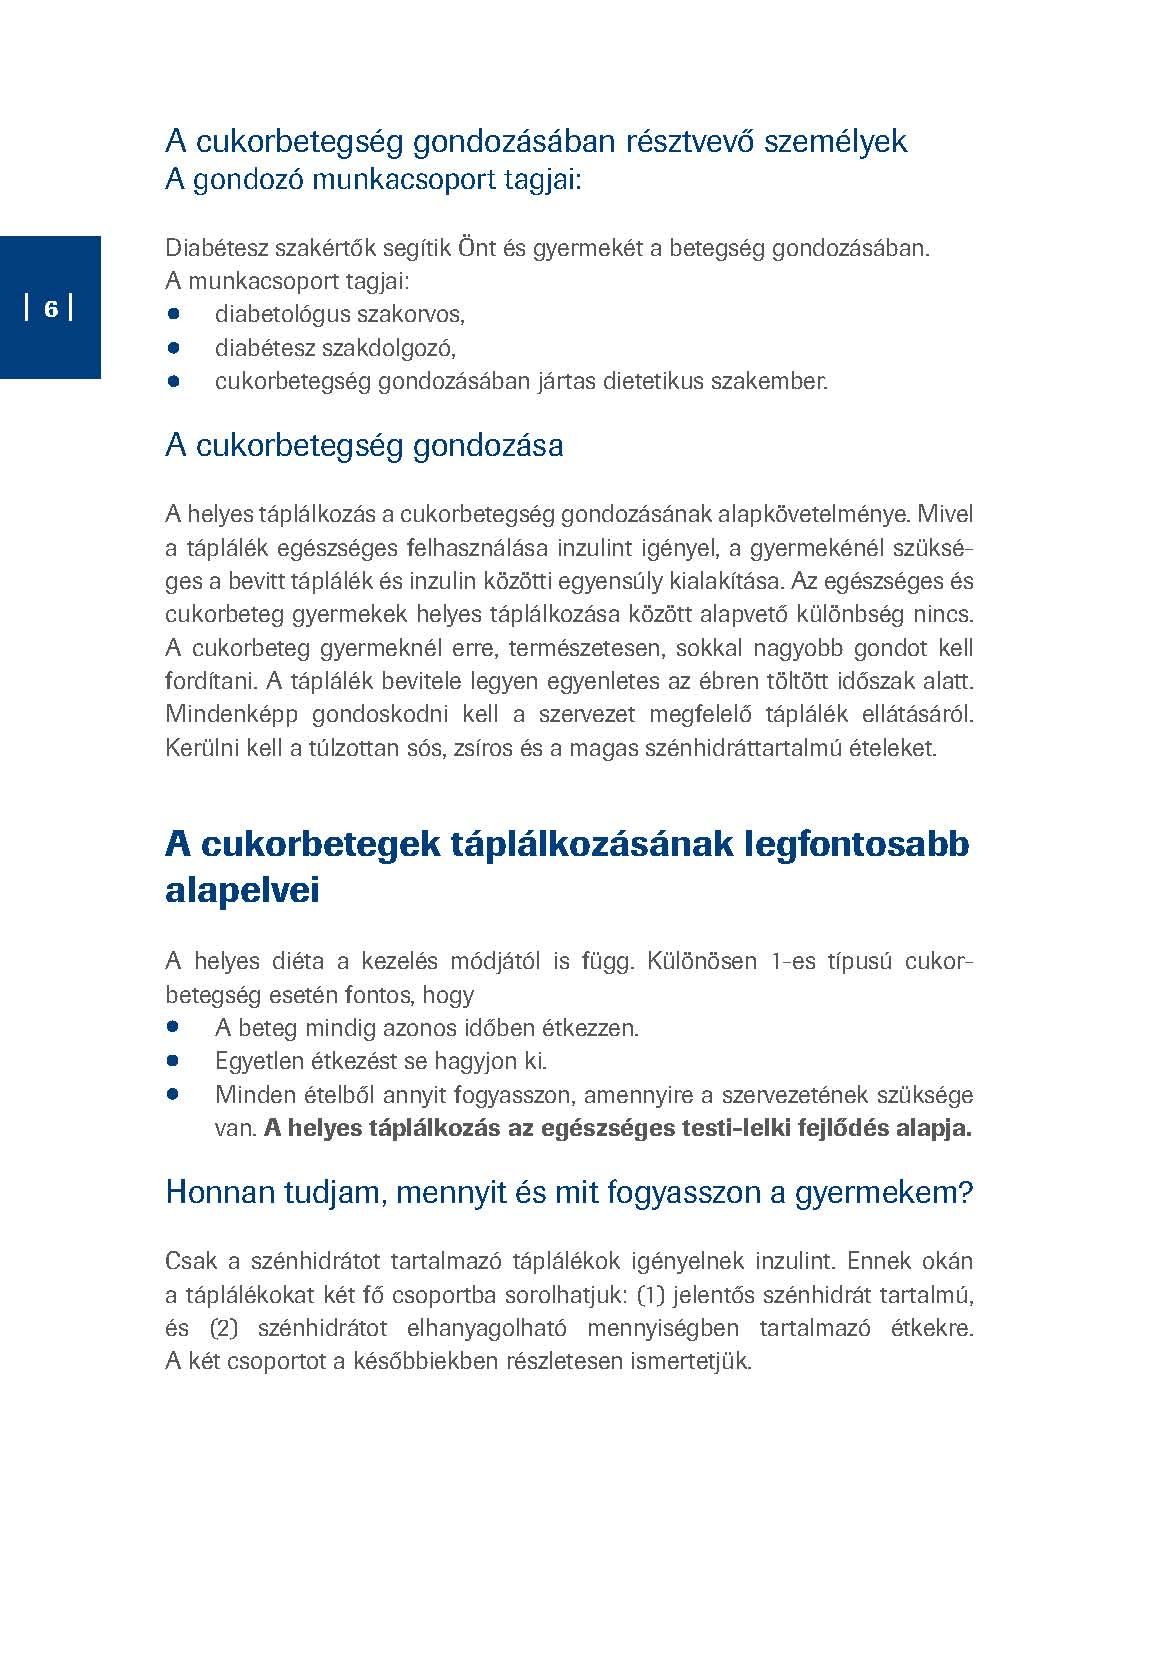 Cukorbeteg gyermek a csaladban A5-20 oldal_17_Page_06